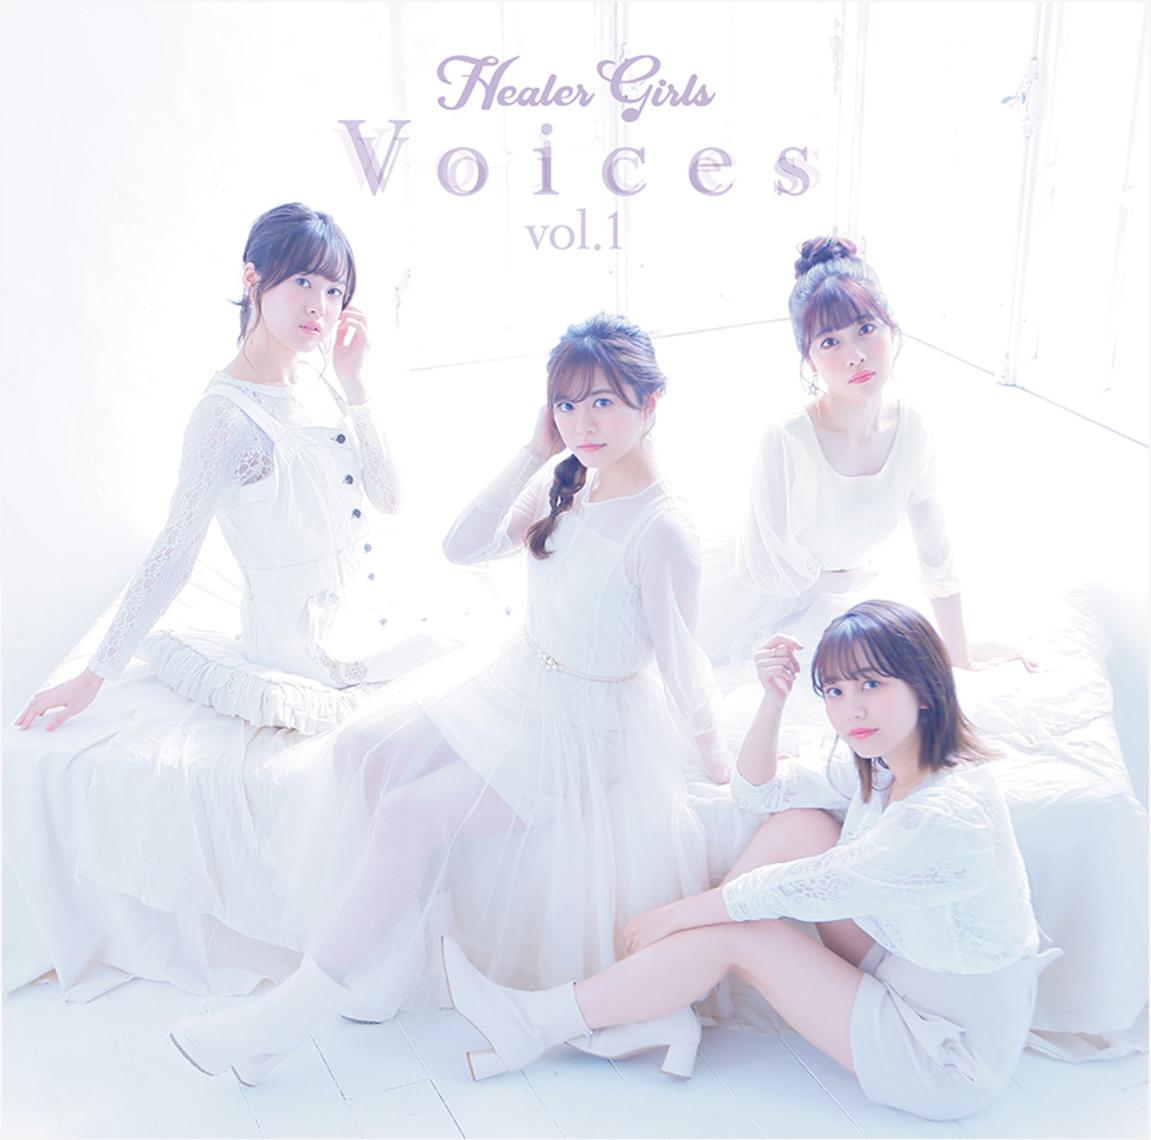 Voices vol.1 ~アニソンコーラスカバーアルバム~ ヒーラーガールズ